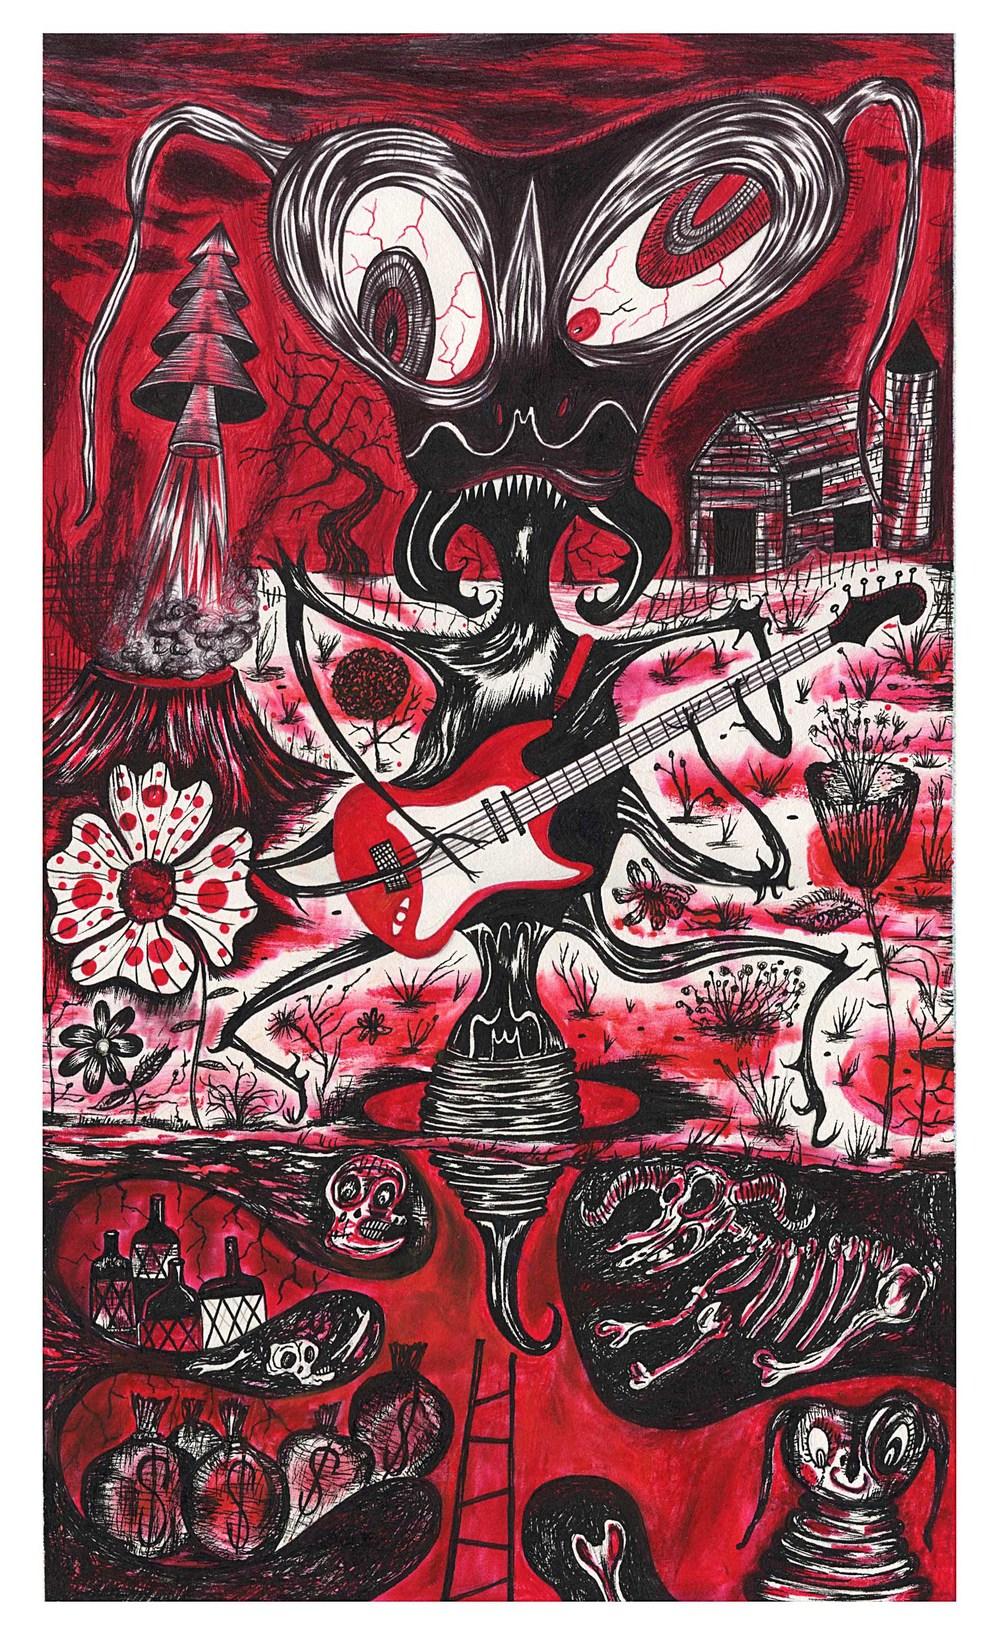 Alien Ant Farm - Rolling Stone 2001